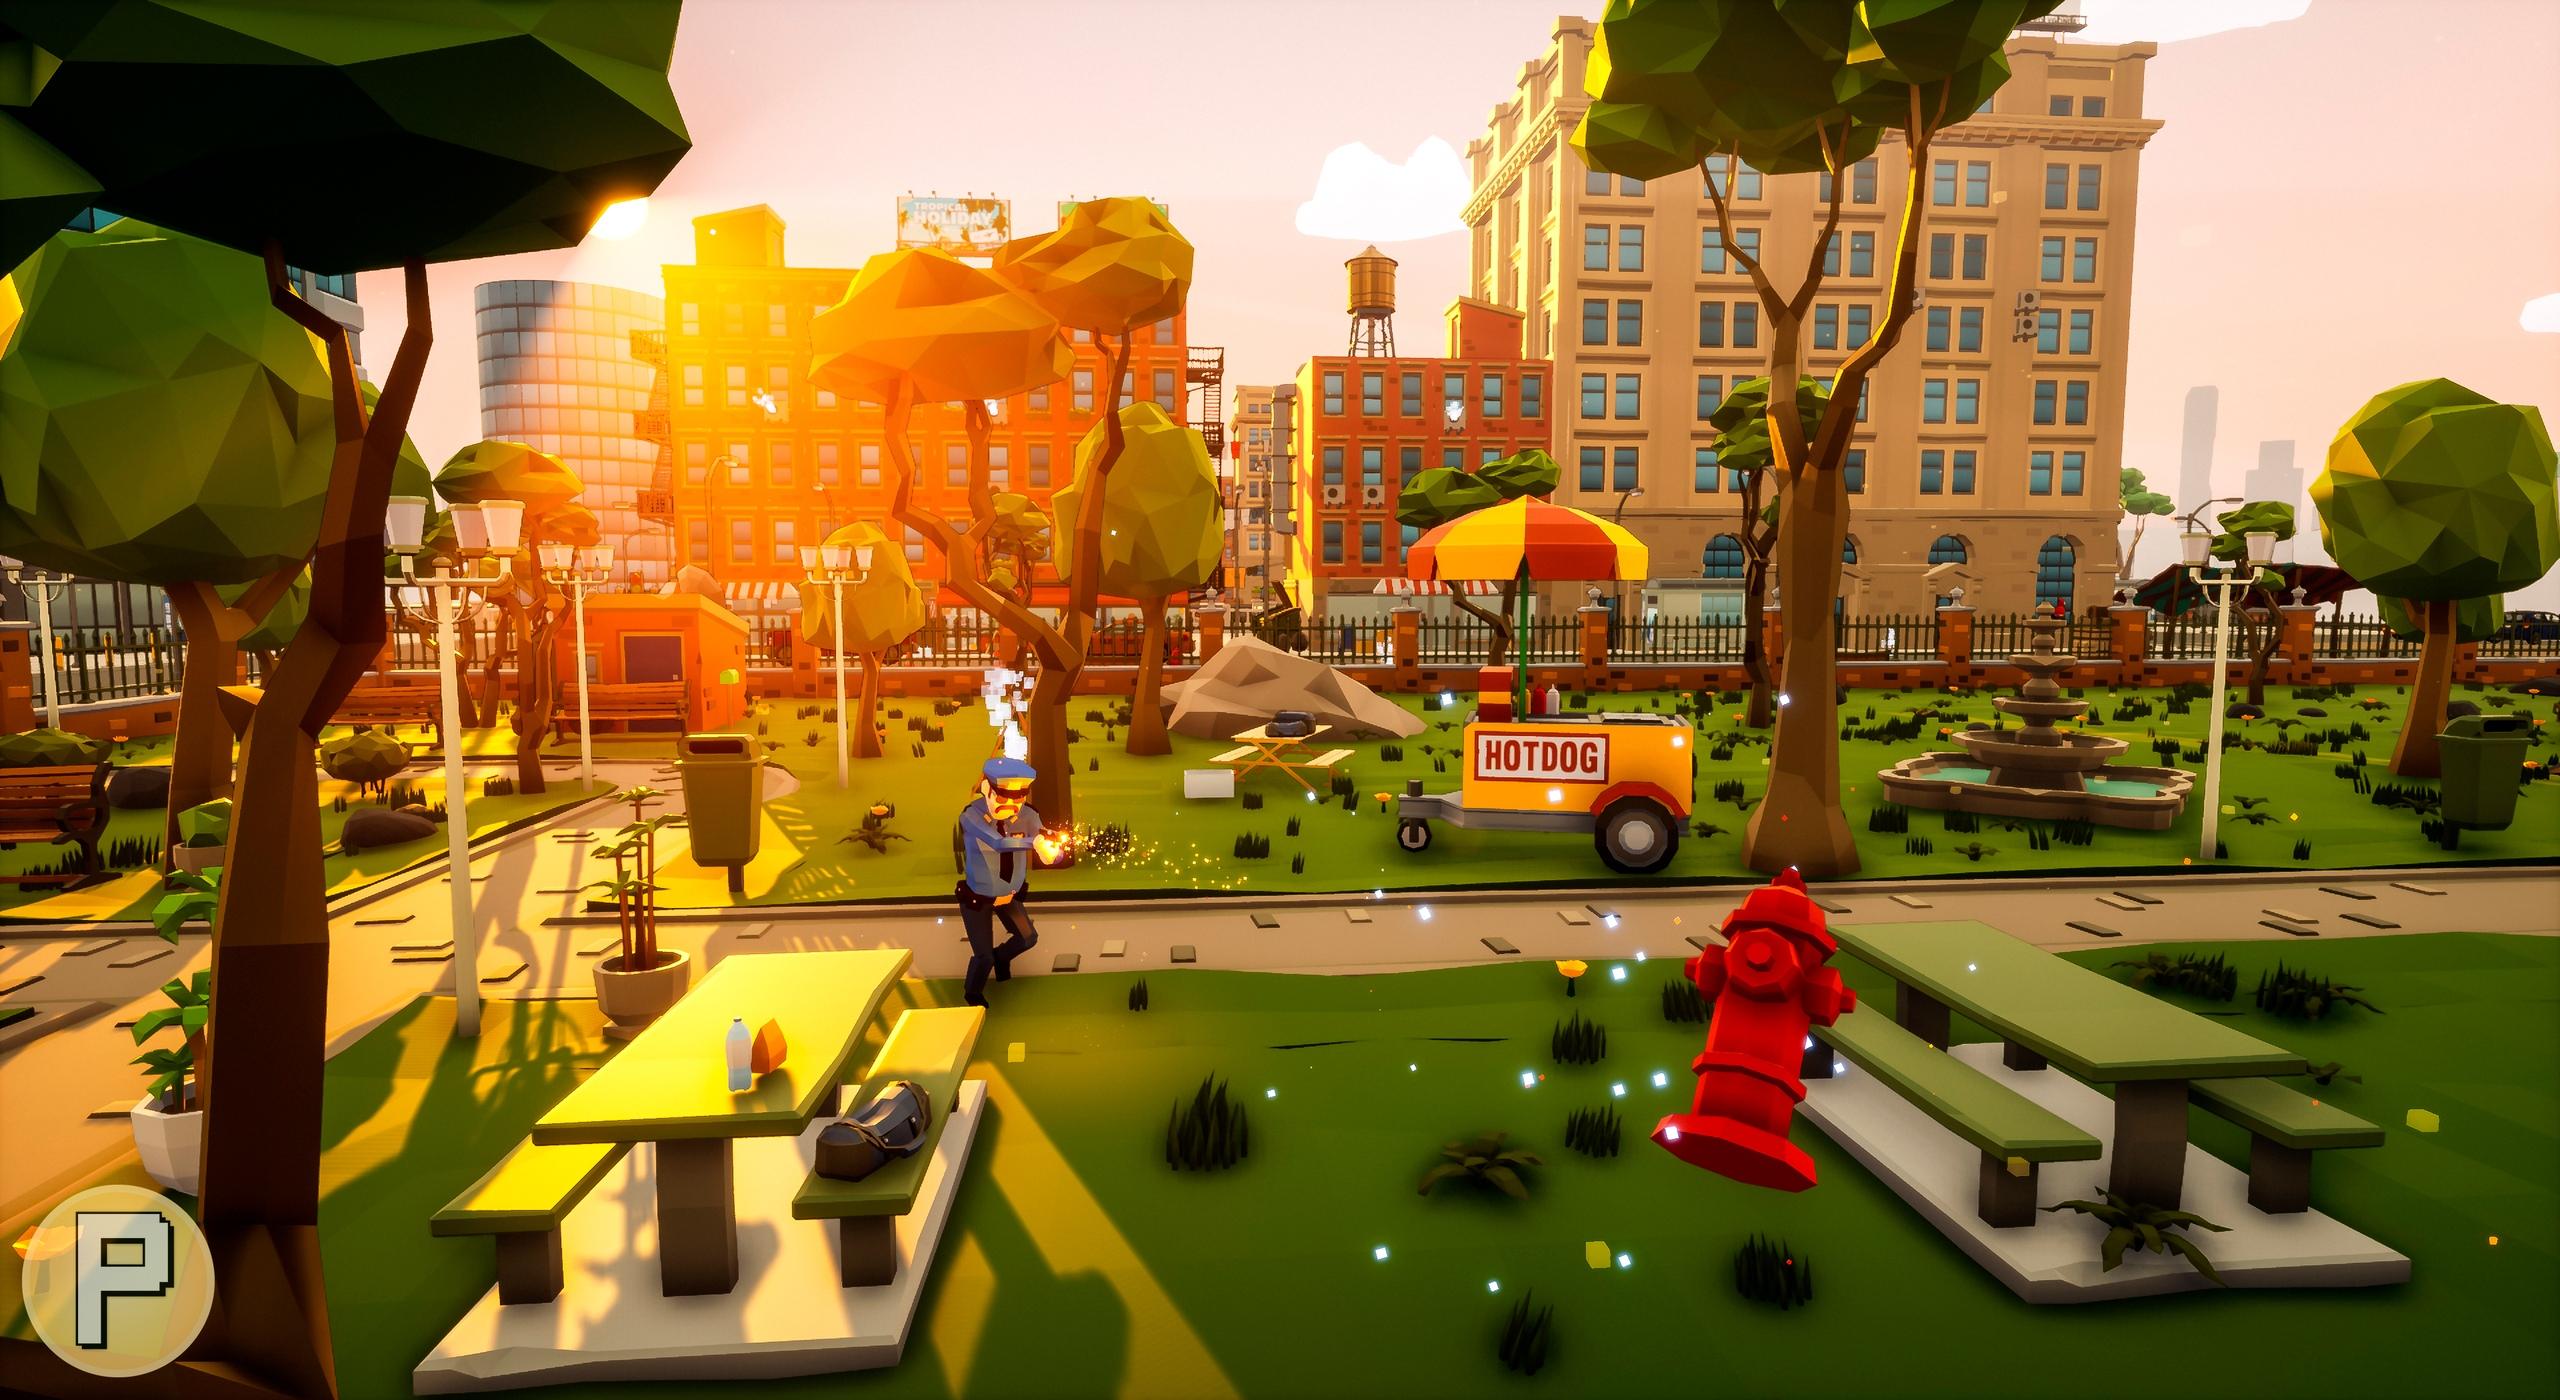 Peekaboo - онлайн игра в жанре PropHunt от инди разработчиков. - Изображение 1